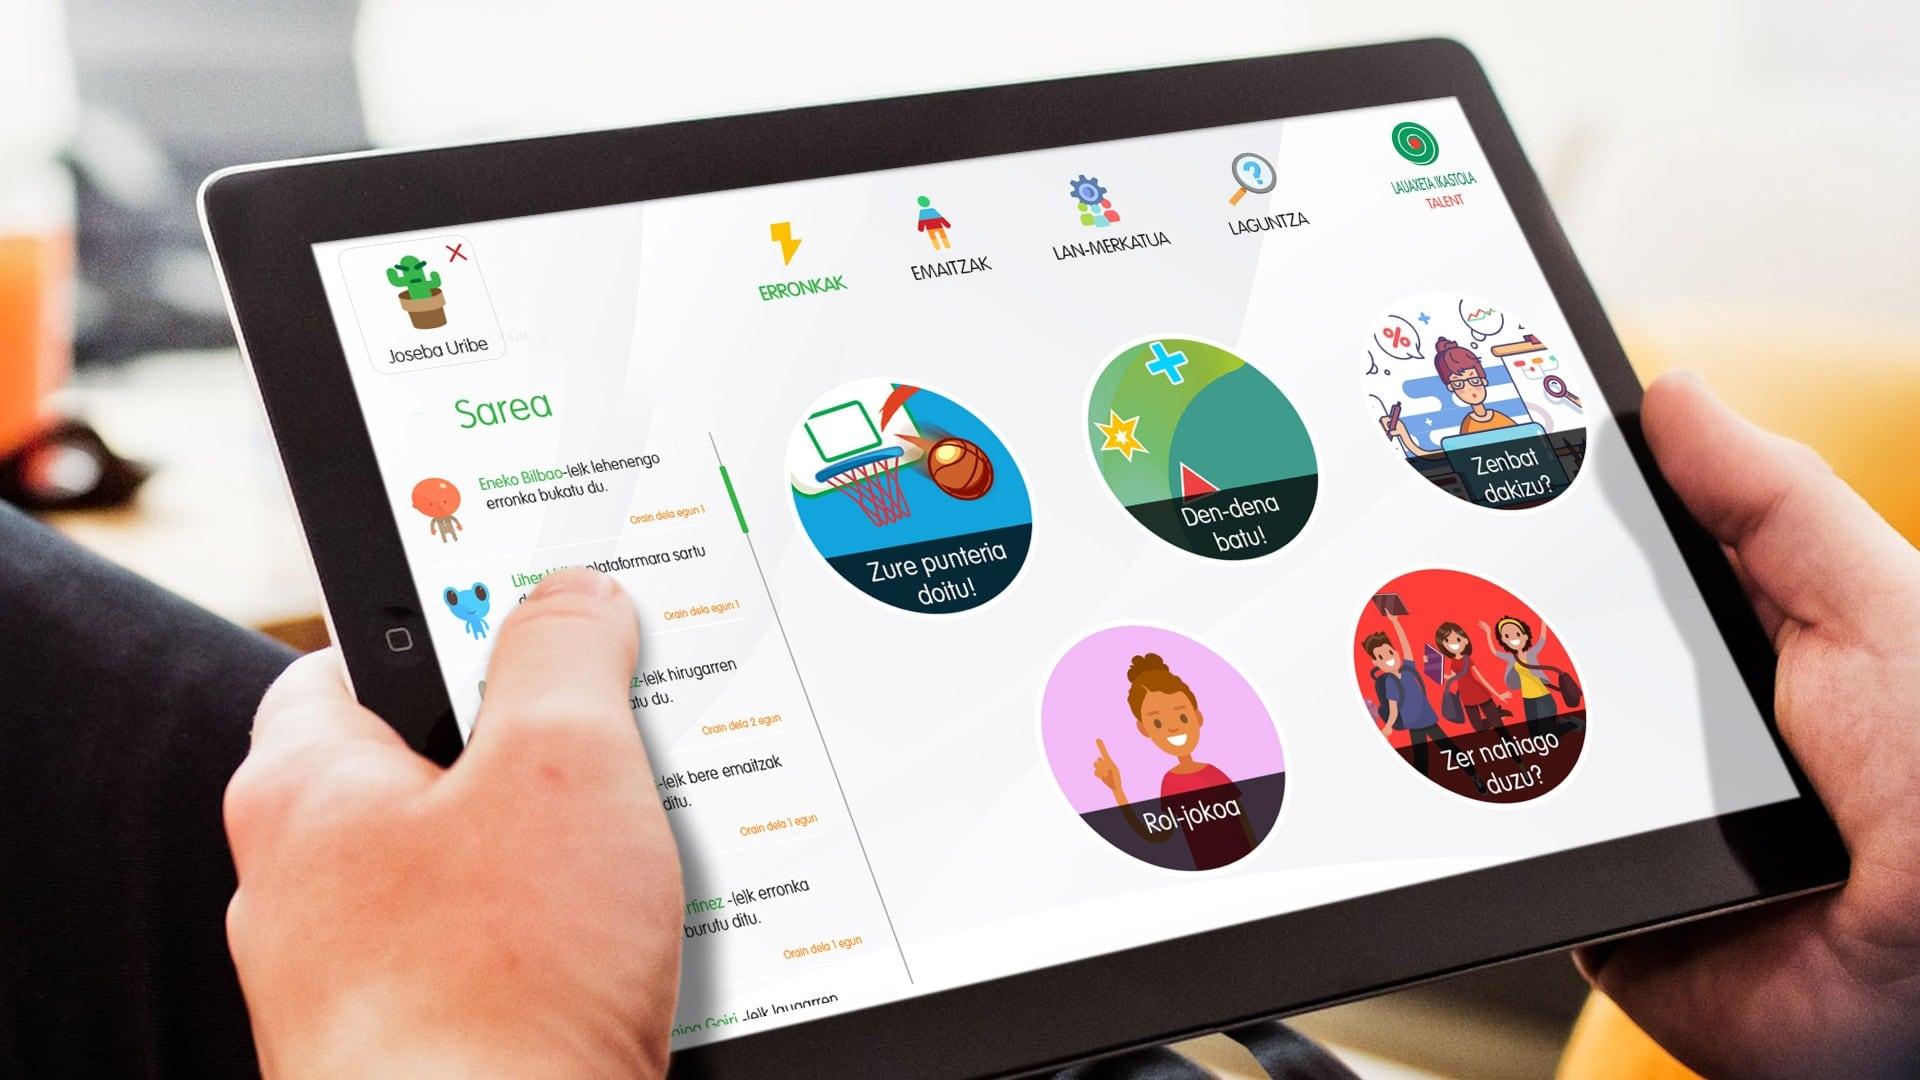 Bizkaia Talent es uno de los últimos desarrollos de Gestionet para el mes de marzo de 2019